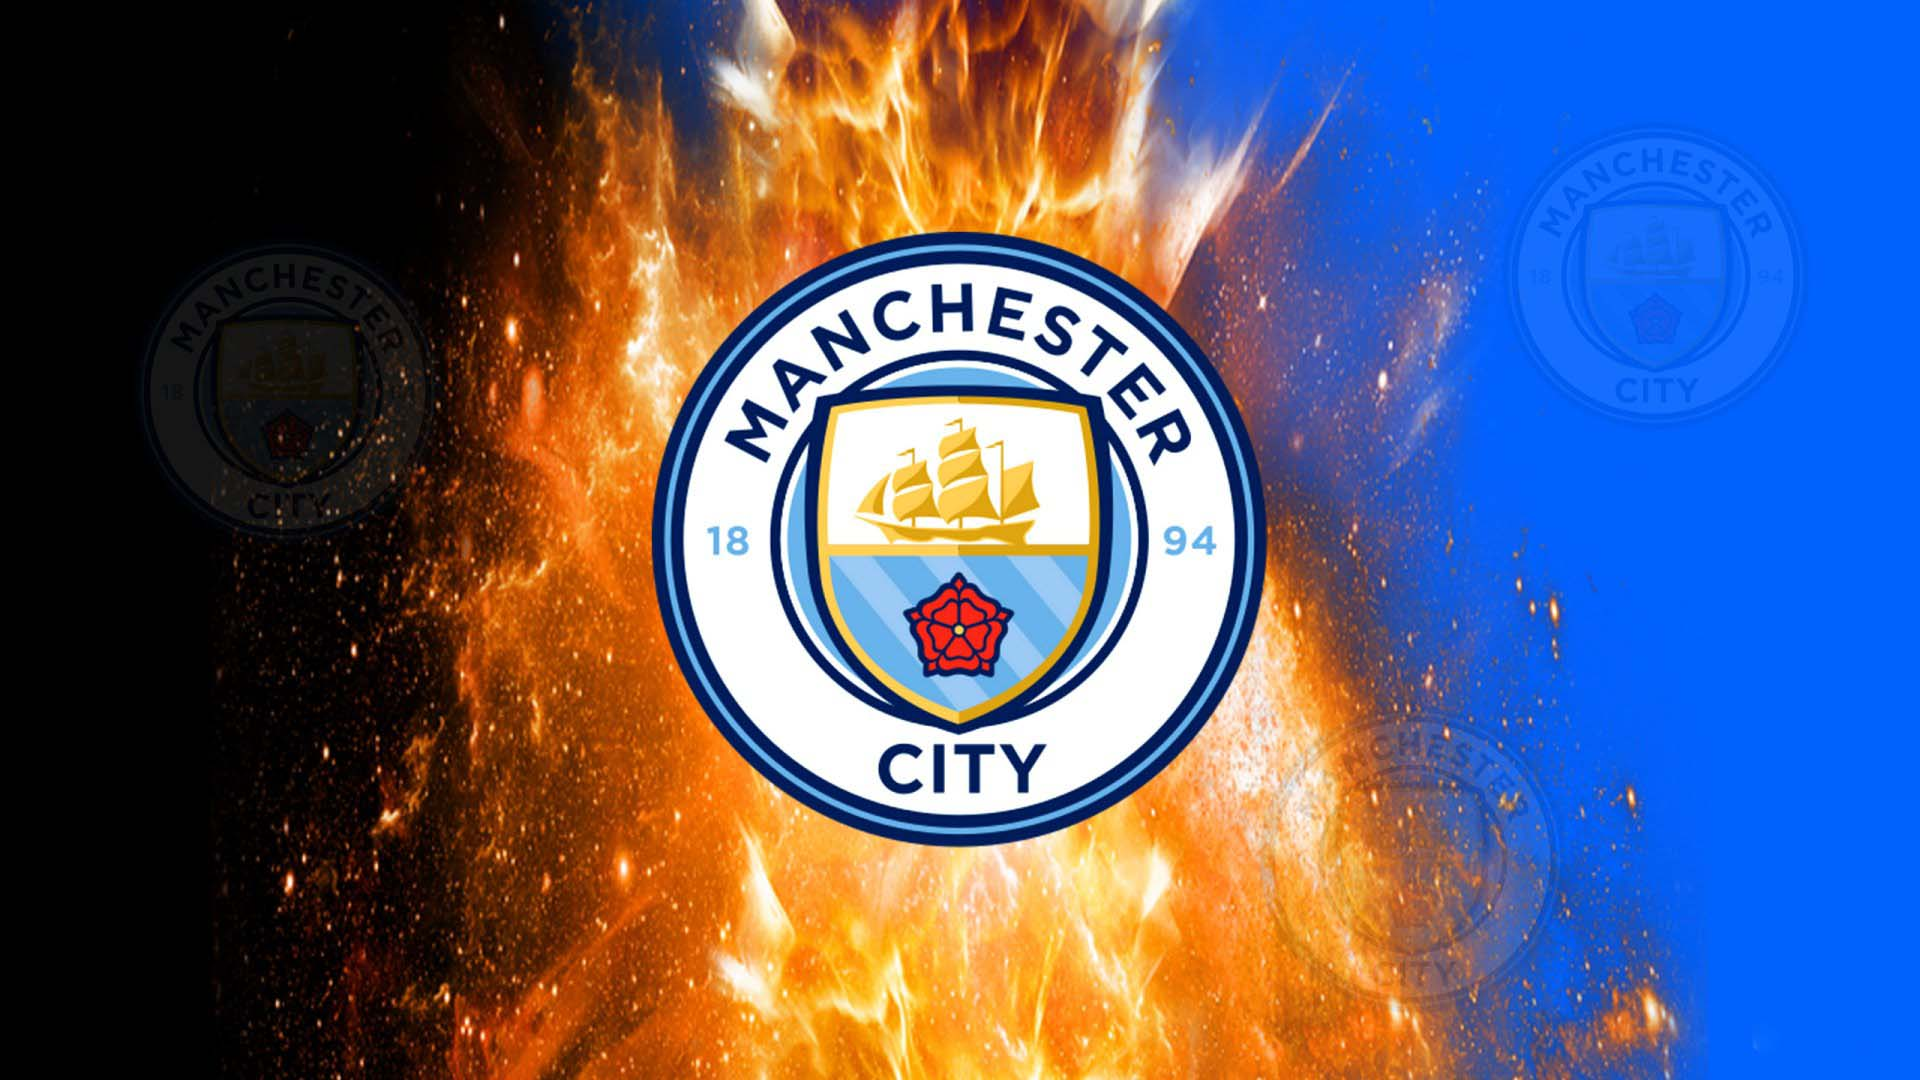 Ảnh nền logo Man City